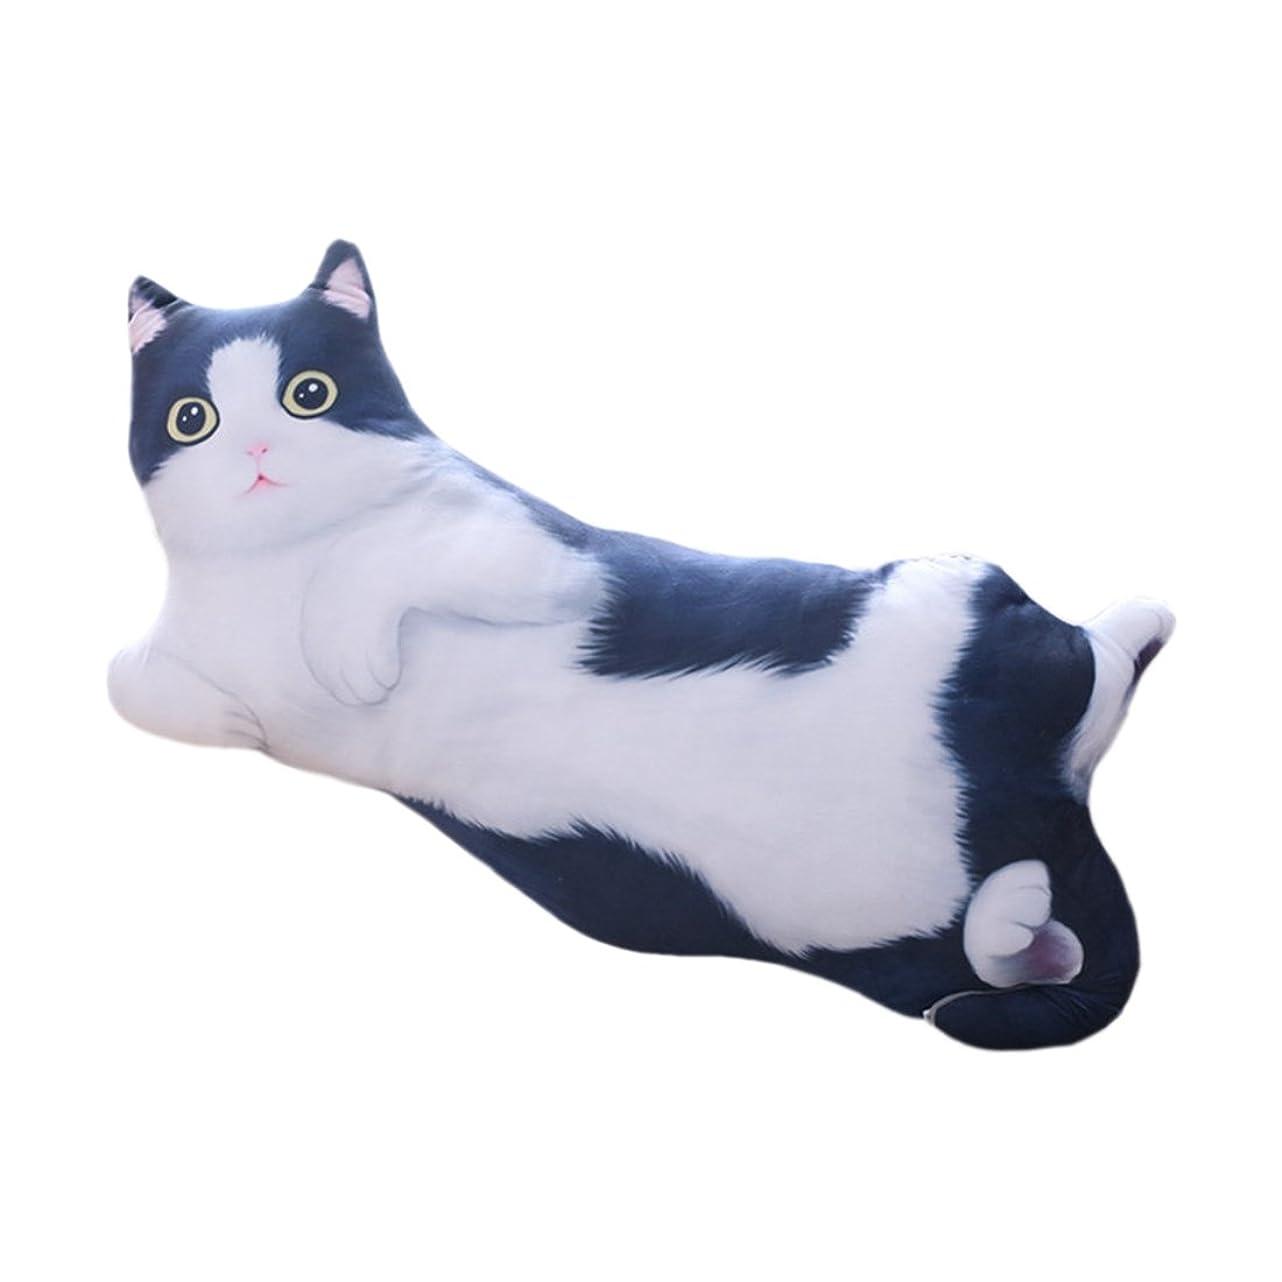 編集する骨髄予想外新作店舗 彼女100CMブラックぬいぐるみ猫猫小娘枕クッション本物のかわいいふわふわもちもちの大きな誕生日のお祝いの贈り物ギフト内装のベッドルーム M ブラック